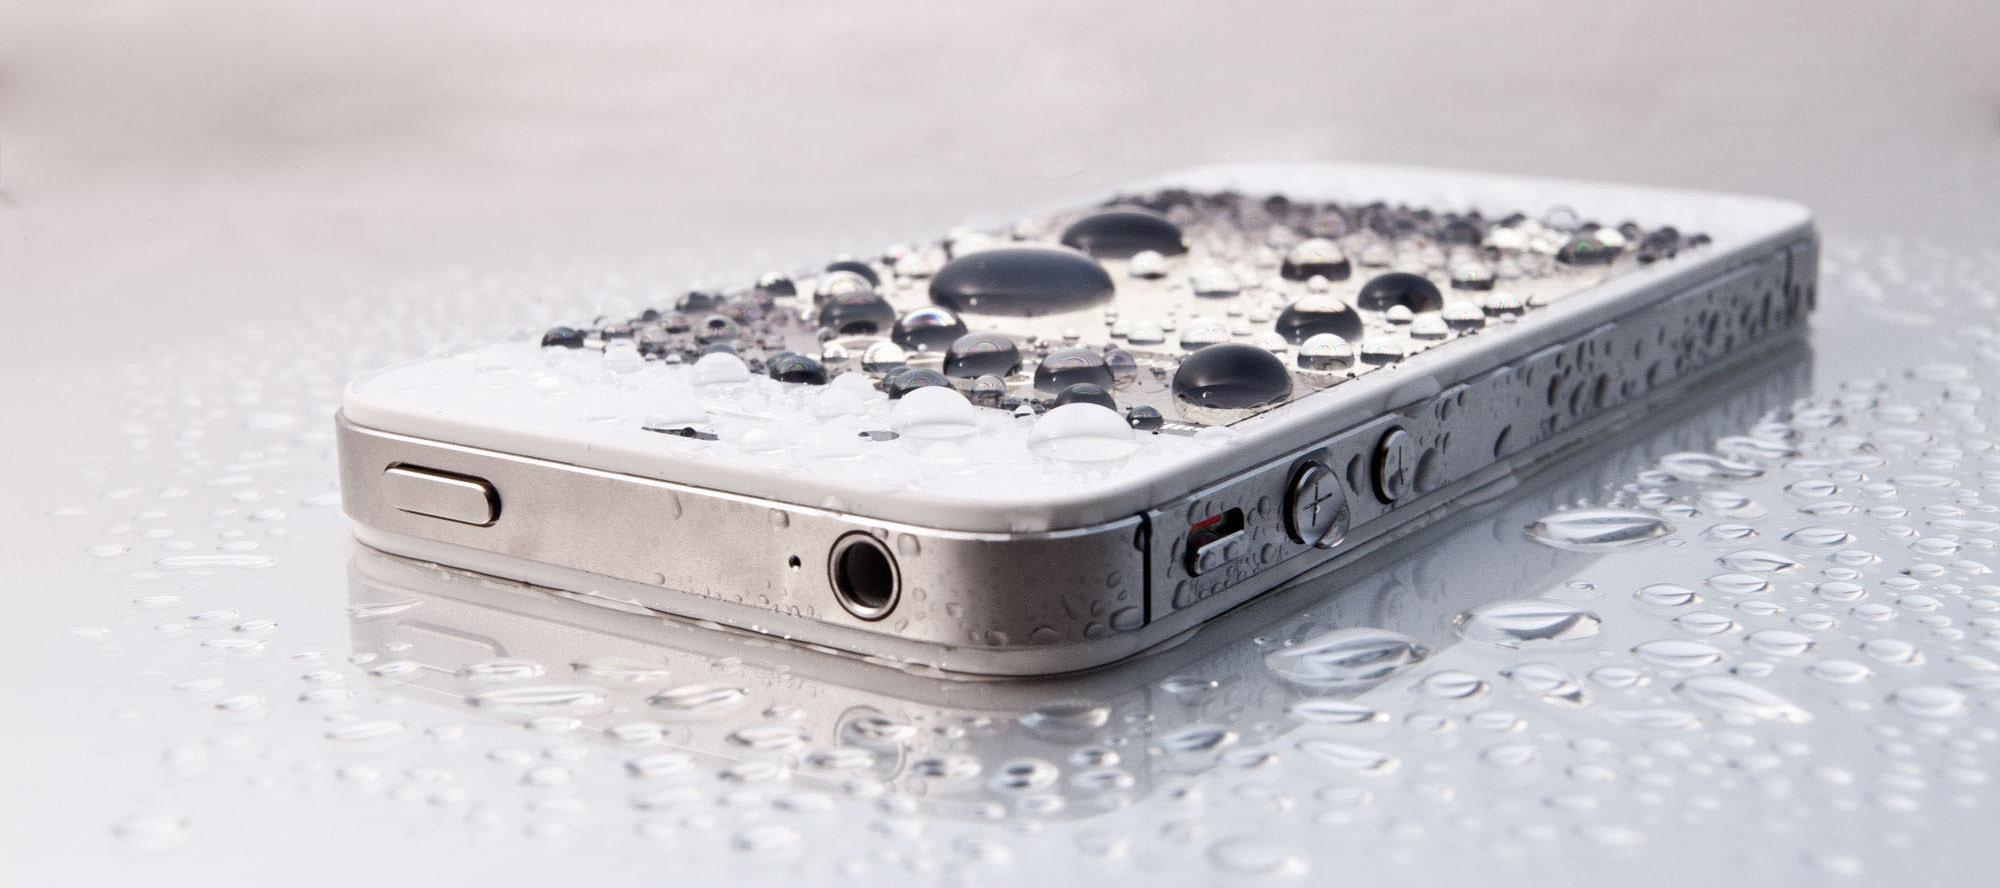 Что делать, если телефон упал в воду - экраном вверх